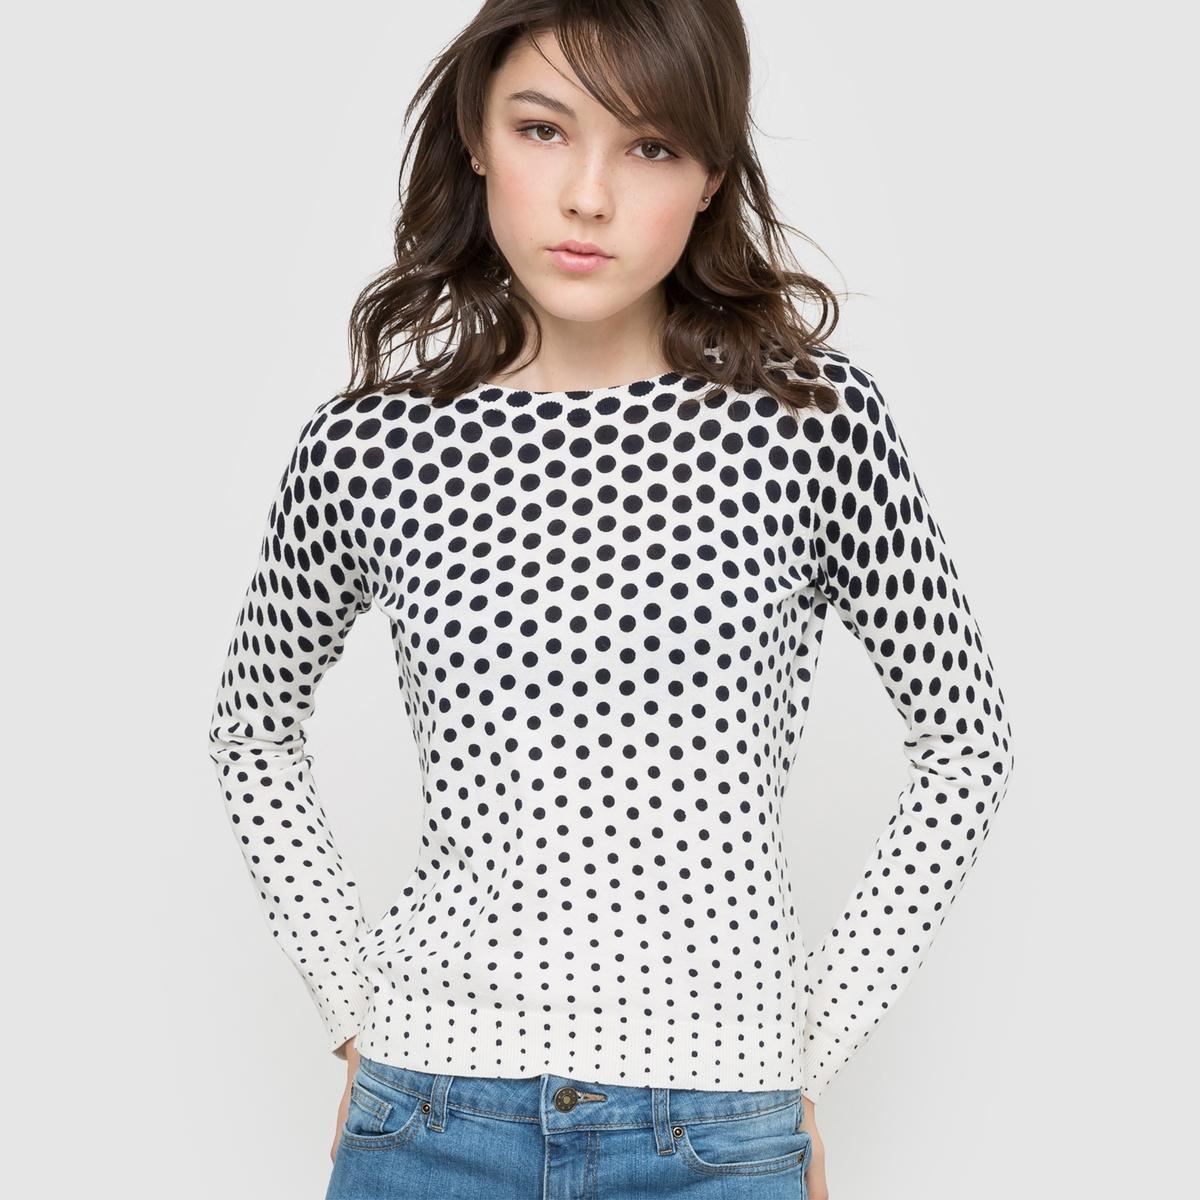 Пуловер с рисунком горох